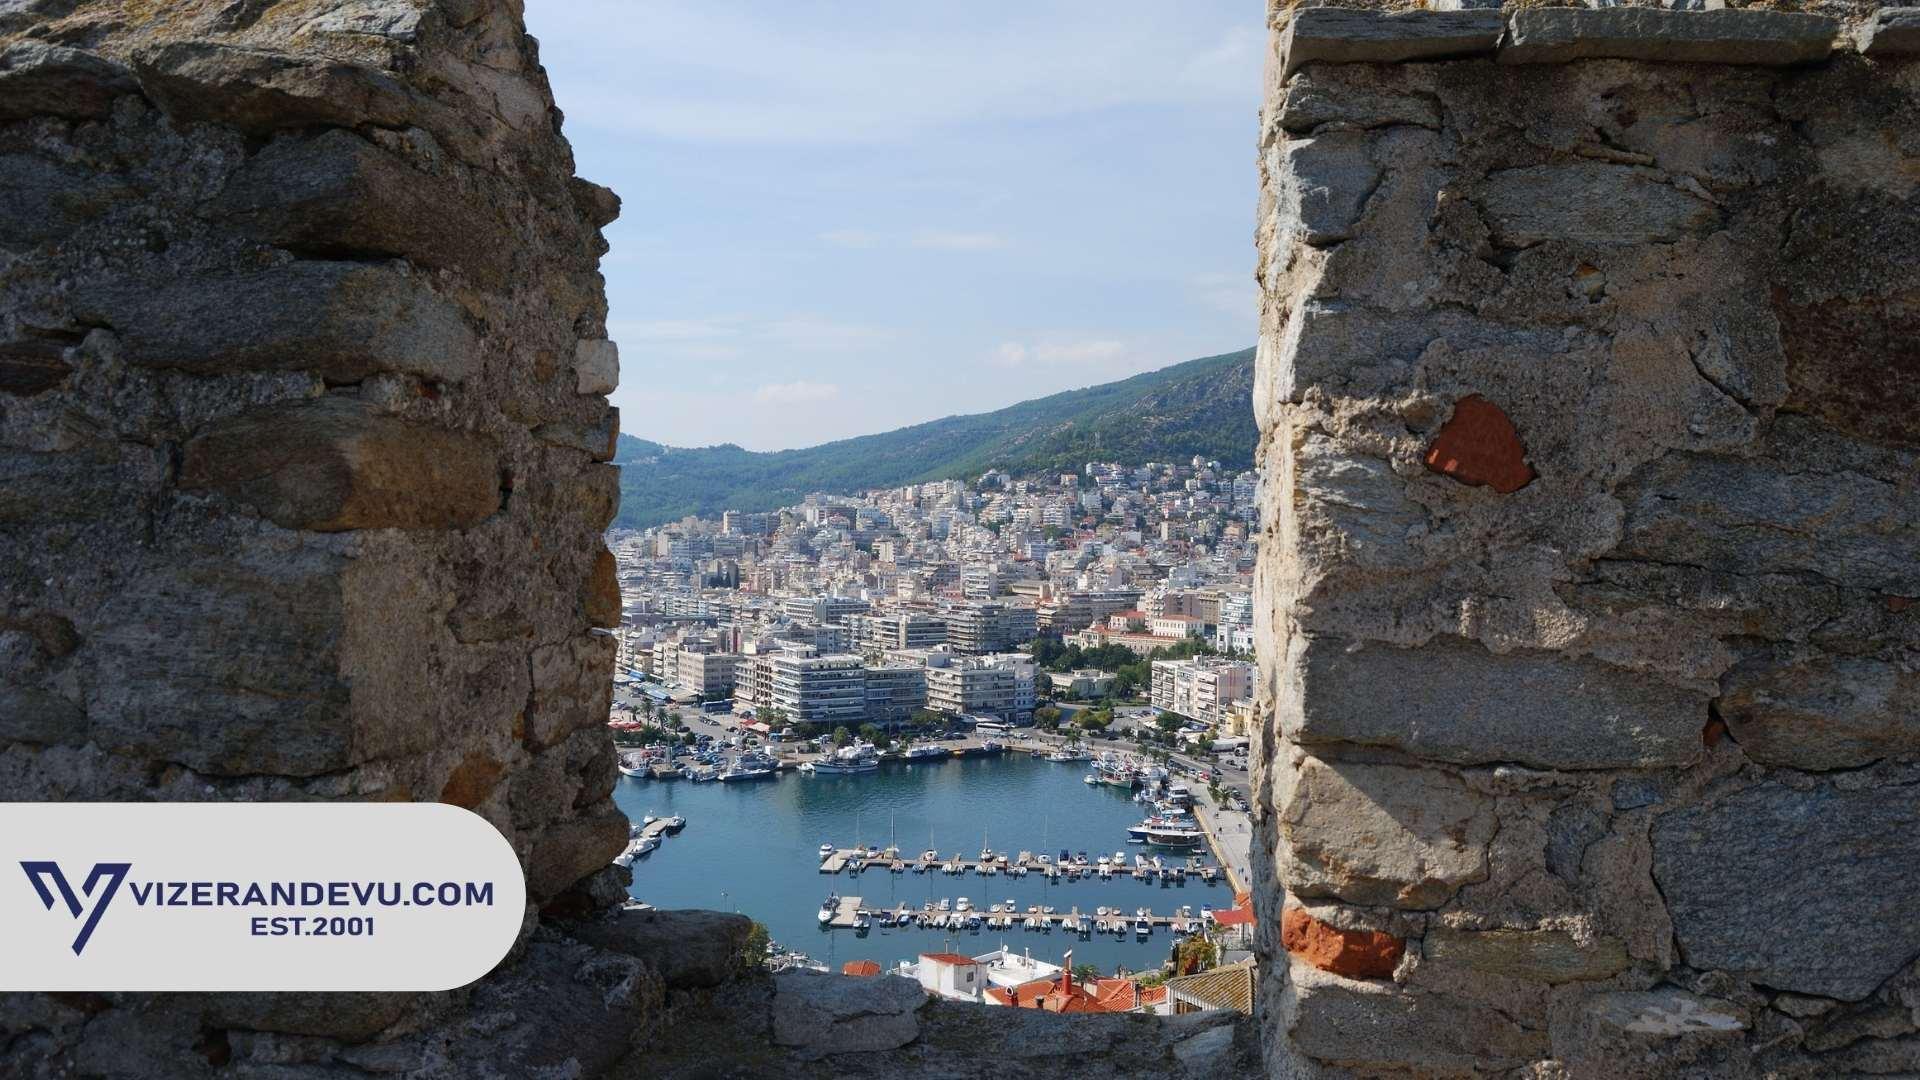 Yunanistan Yapmak İstediğiniz Seyahatin Amaçları Ve Süresi Bildirisi Neden Önemlidir ?